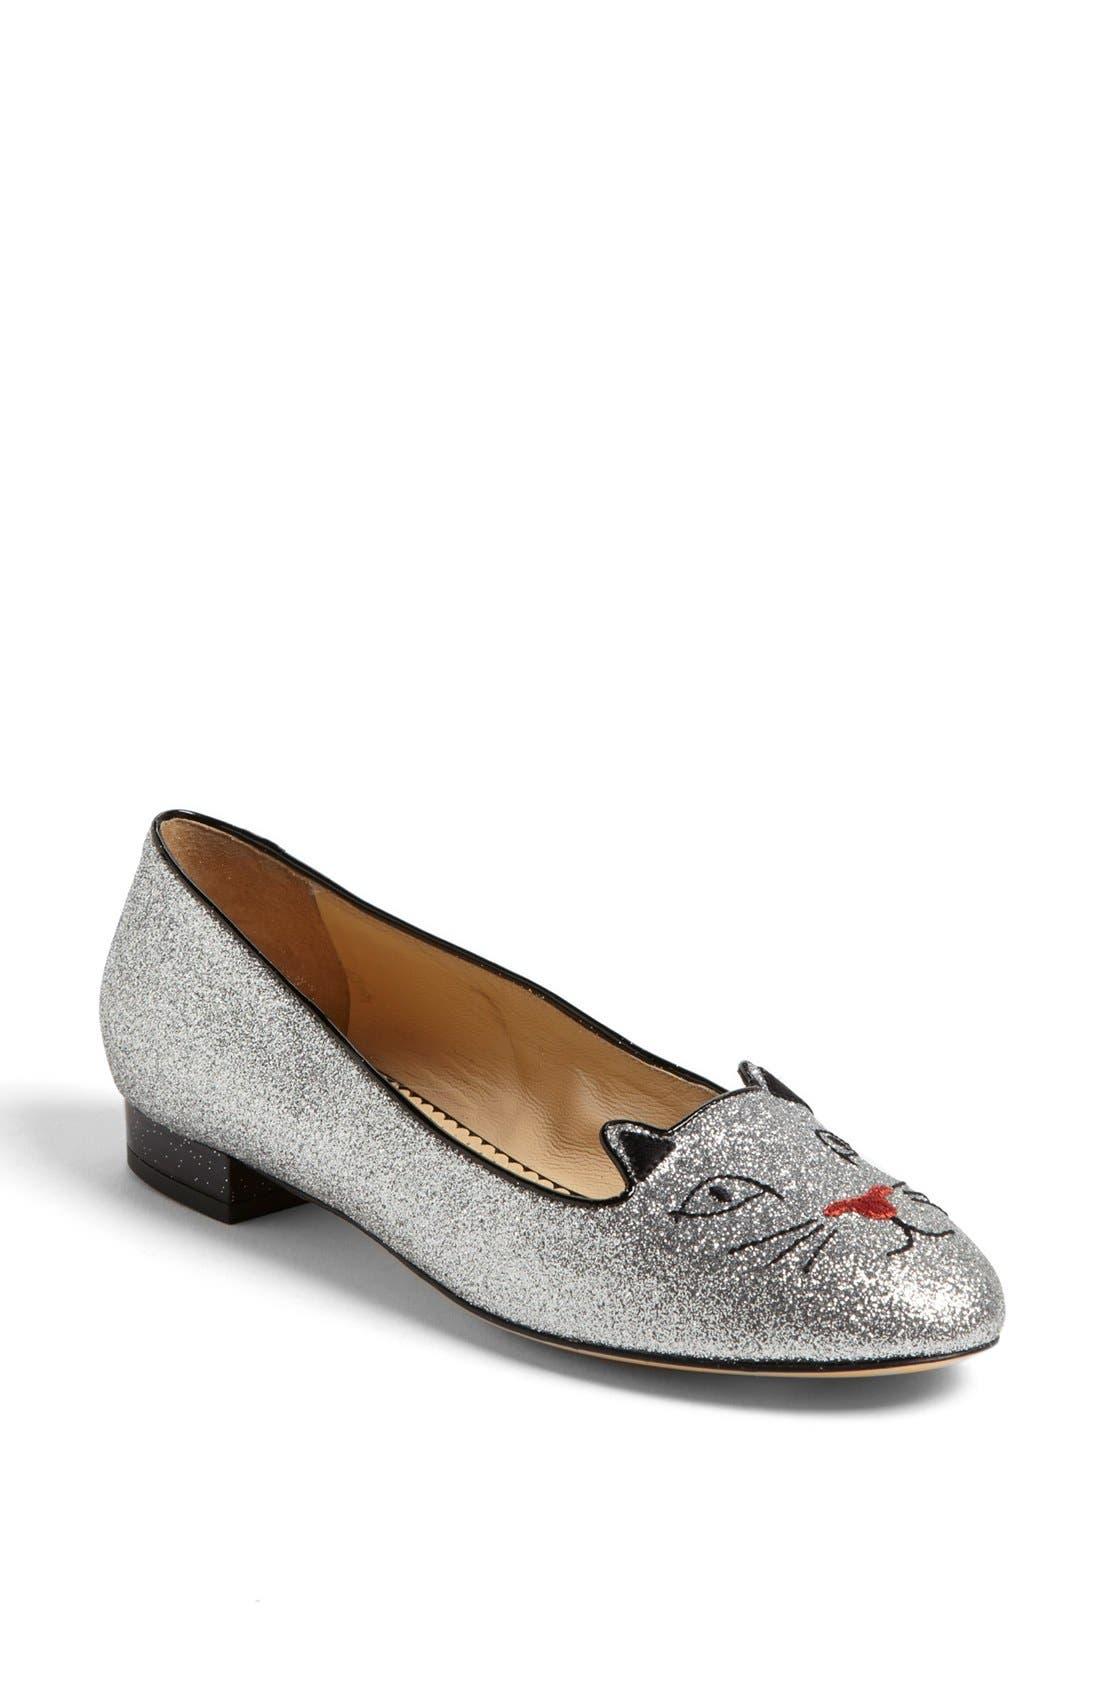 Main Image - Charlotte Olympia 'Glitter Kitty' Flat